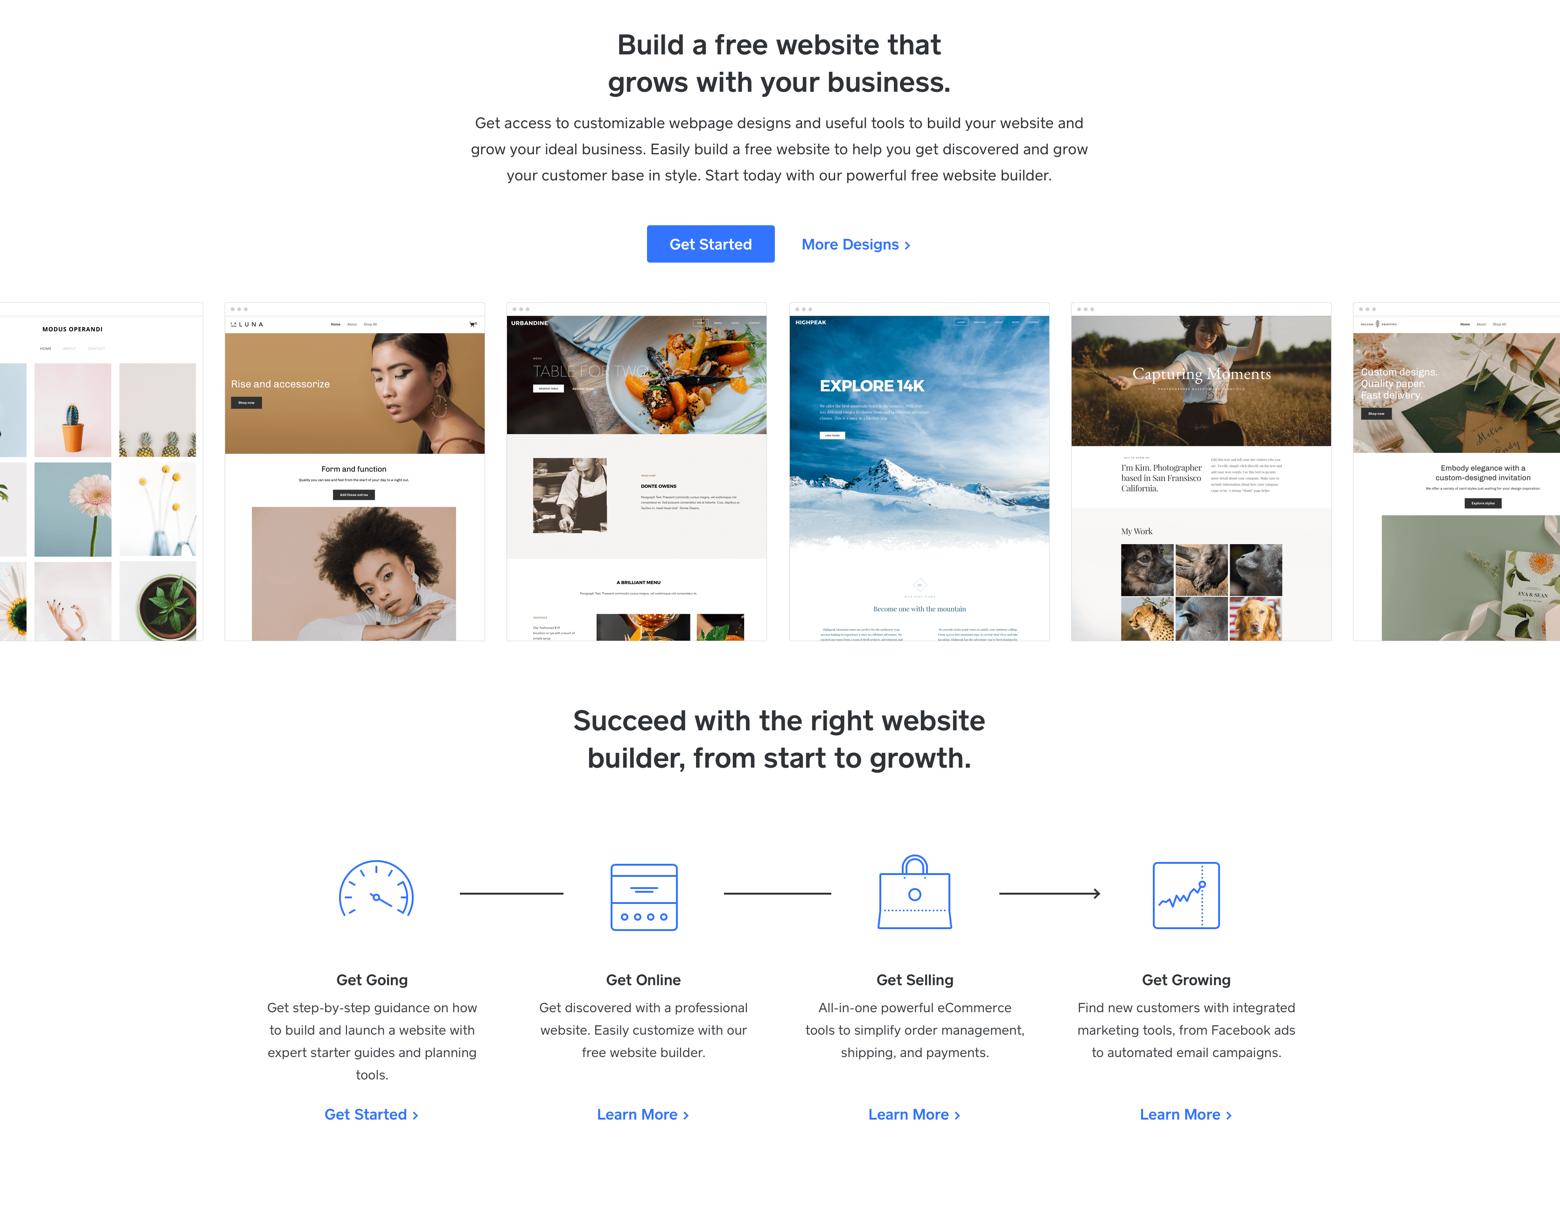 website builder example